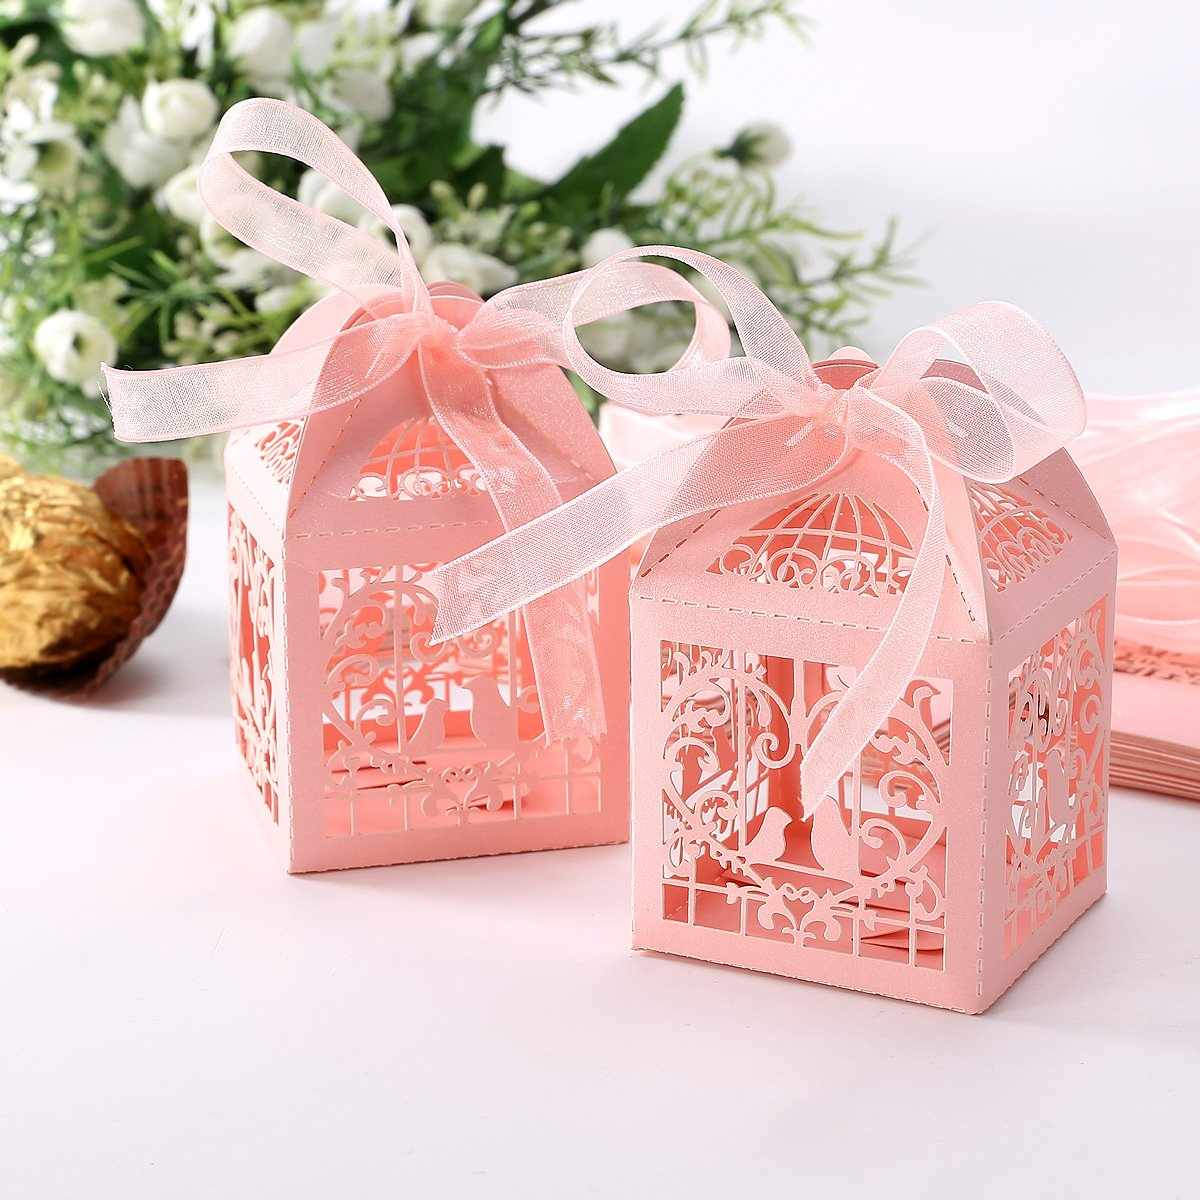 25pcs boite a dragees bonbons coeur oiseaux rose pour mariage wt ebay. Black Bedroom Furniture Sets. Home Design Ideas